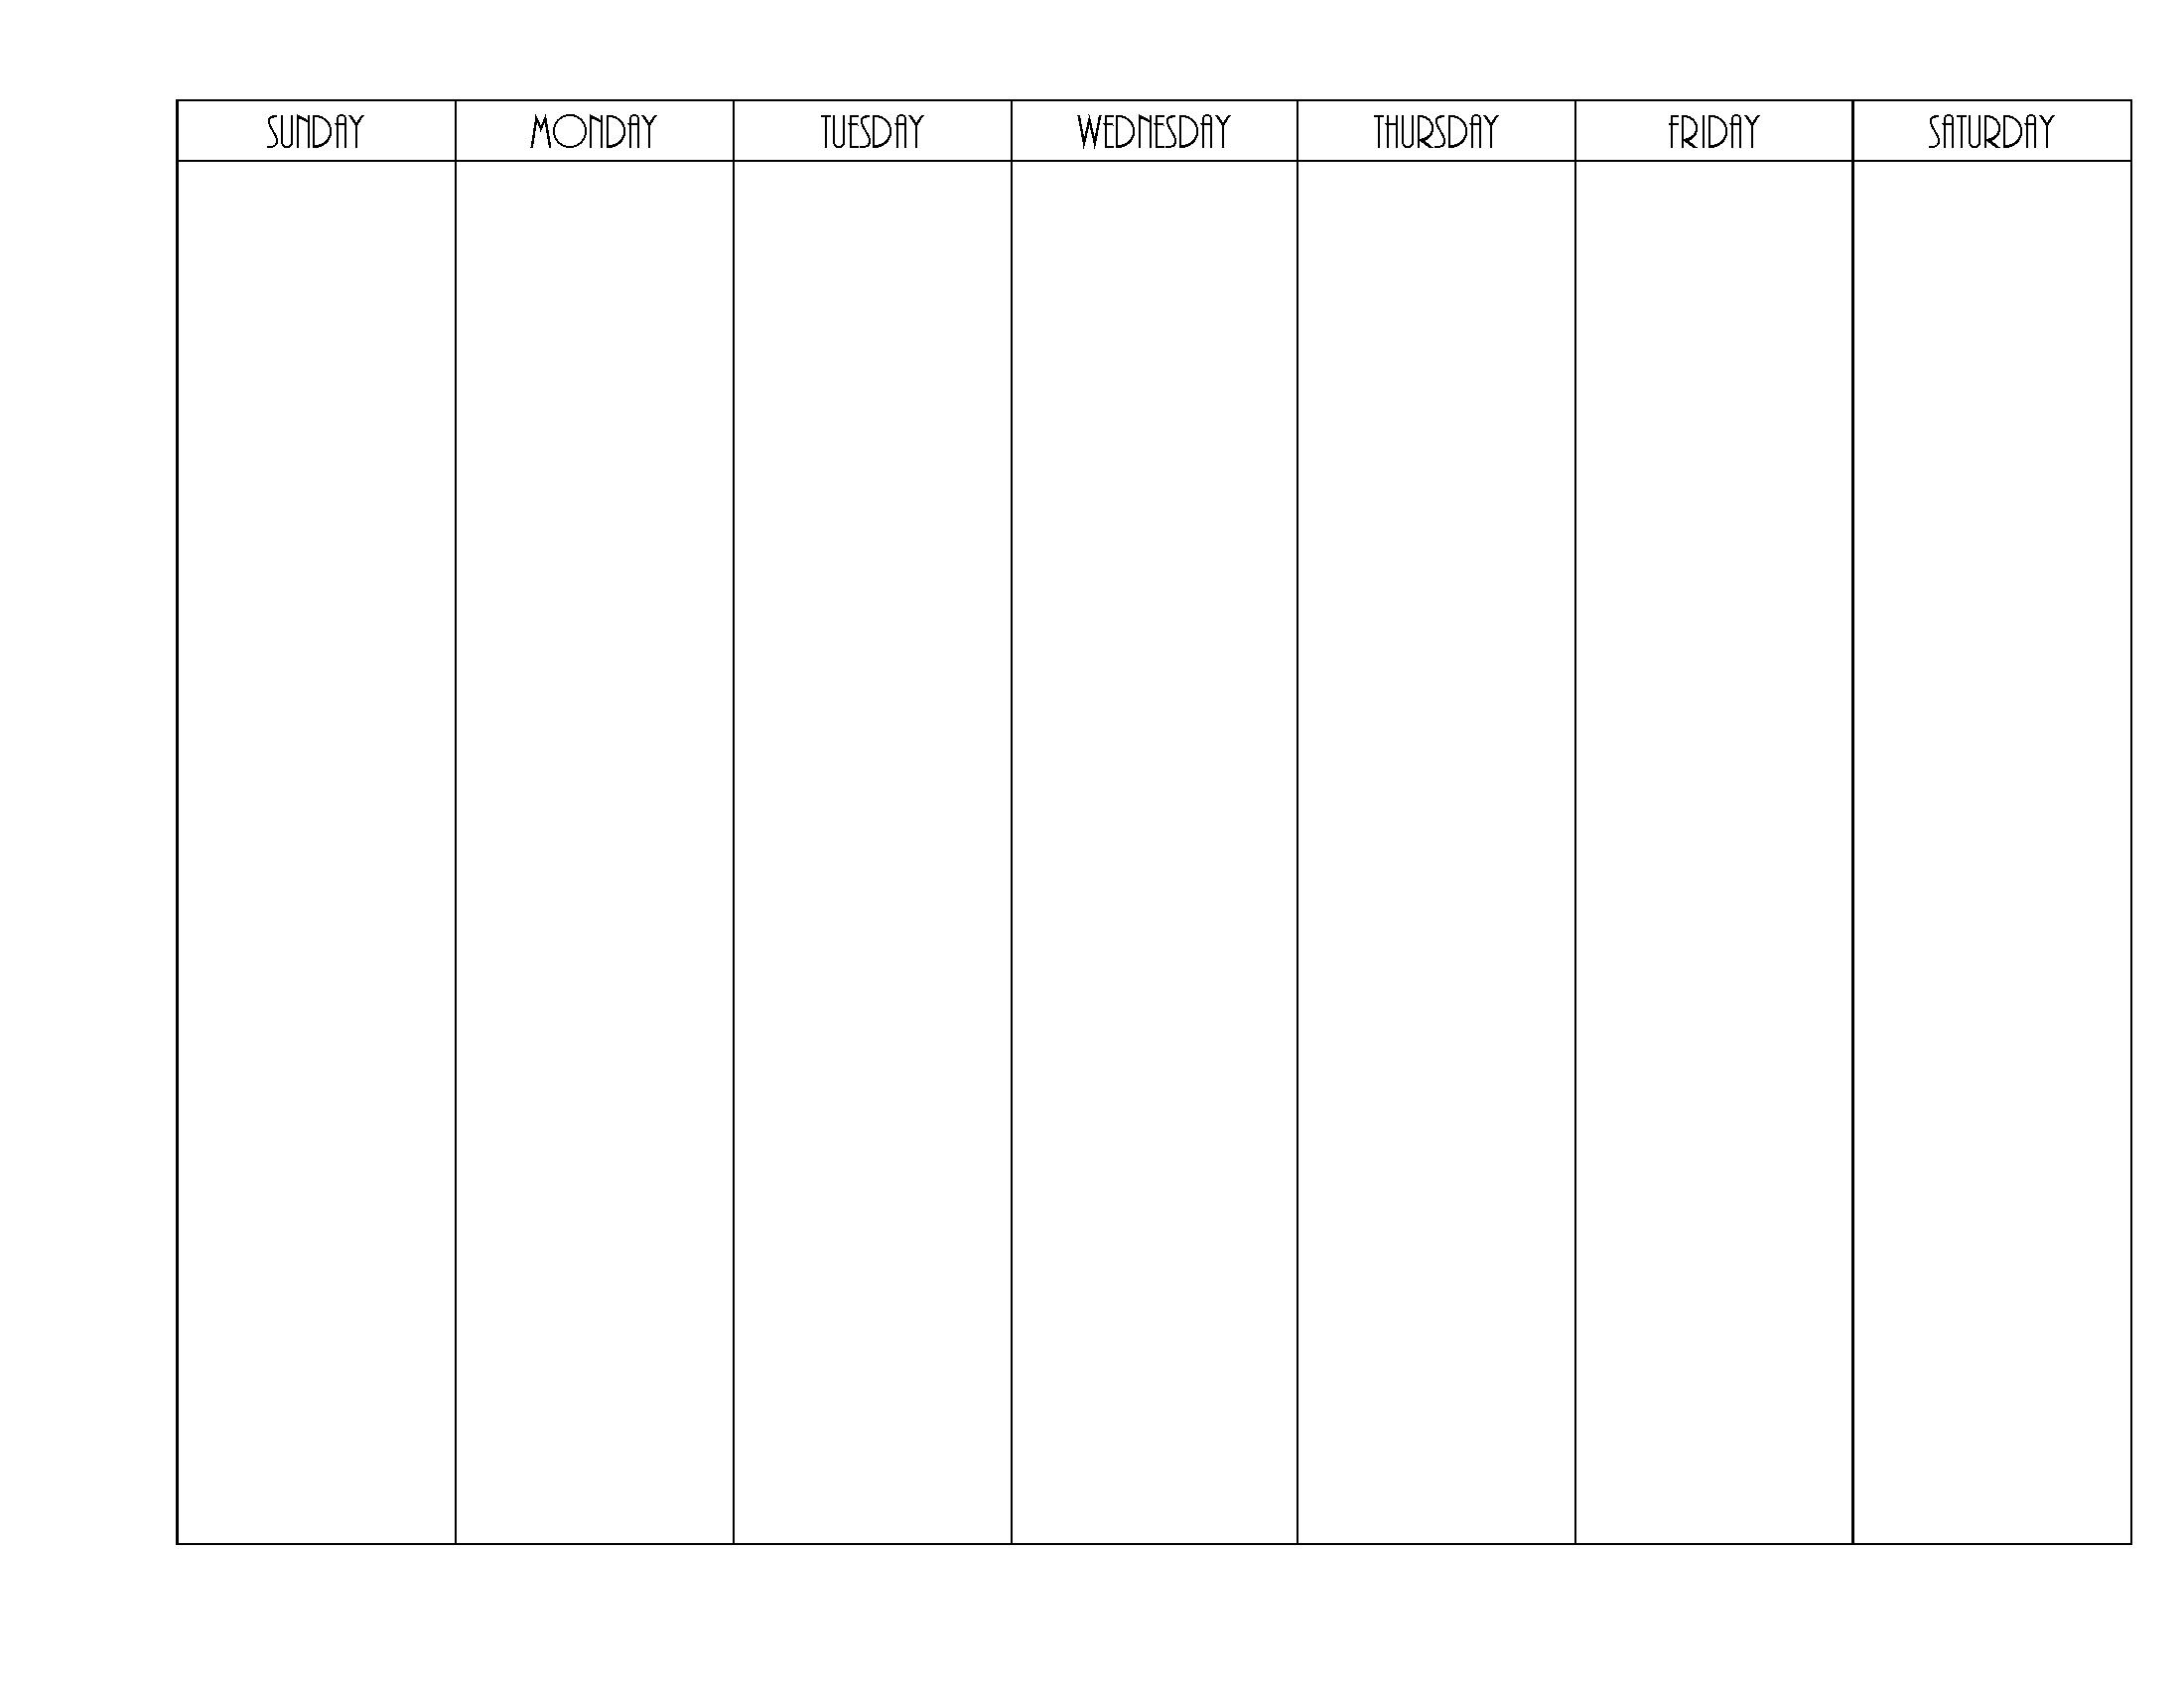 blank weekly calendar | editable pdf, word or image